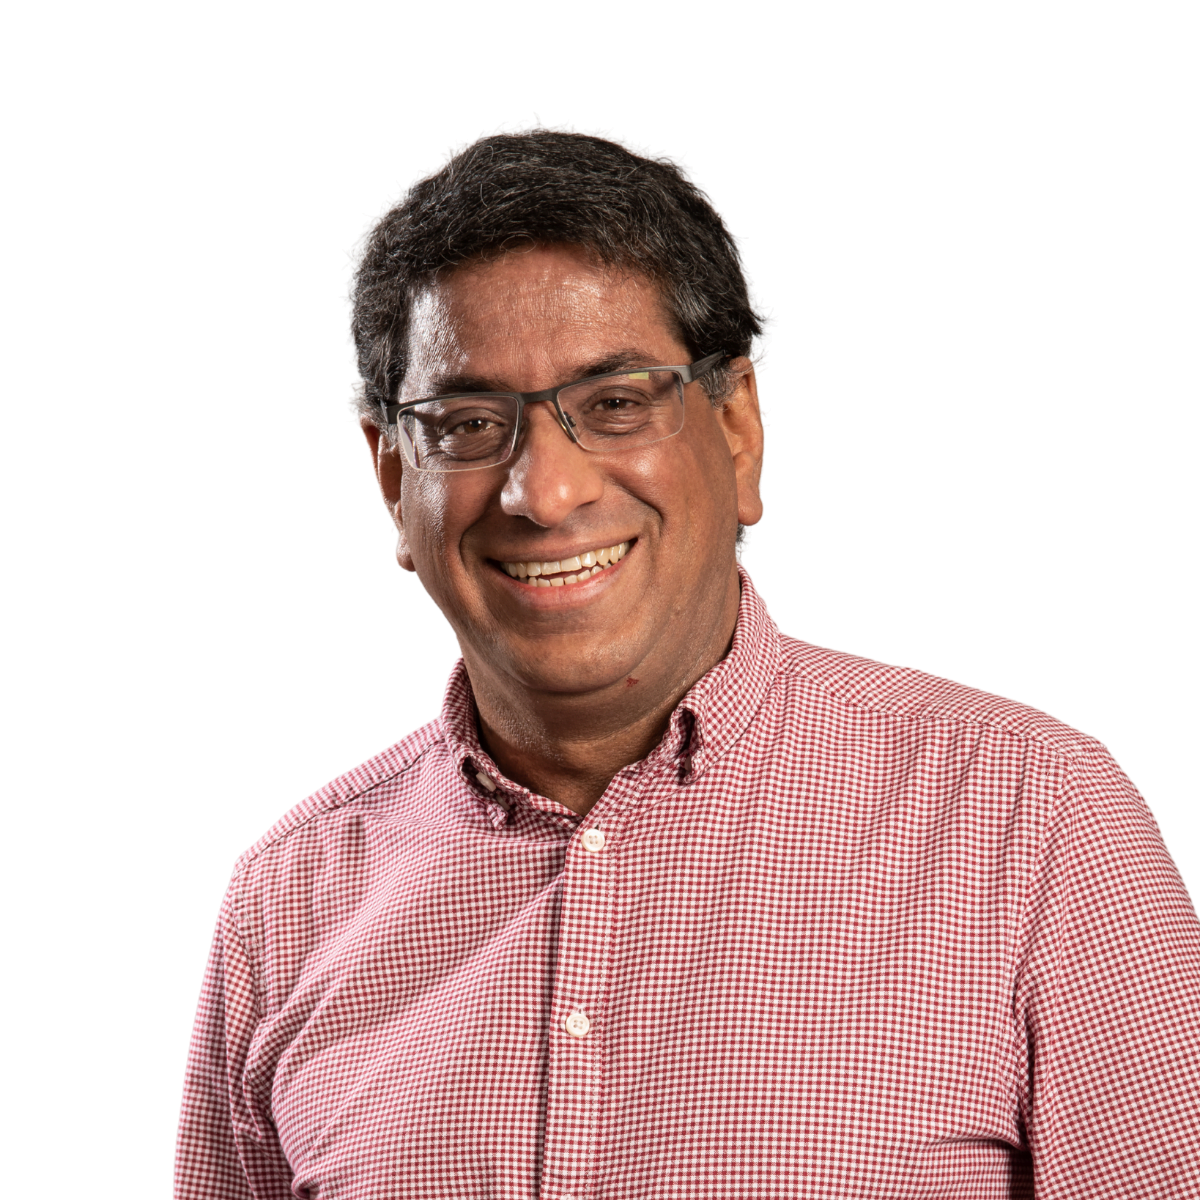 Rahul Mehra